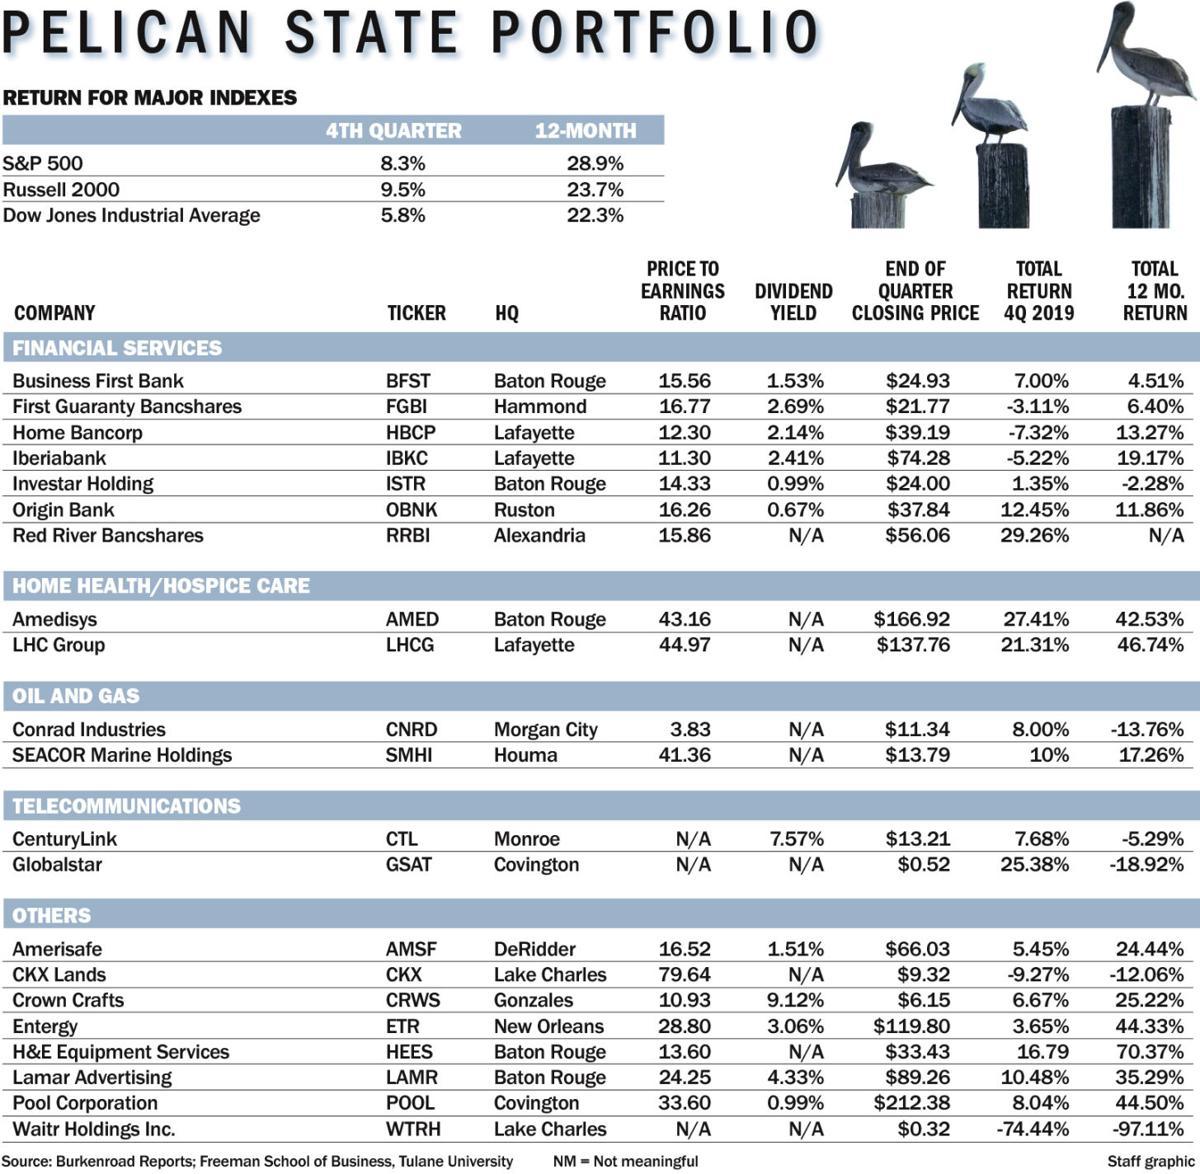 011220 Pelican State Portfolio